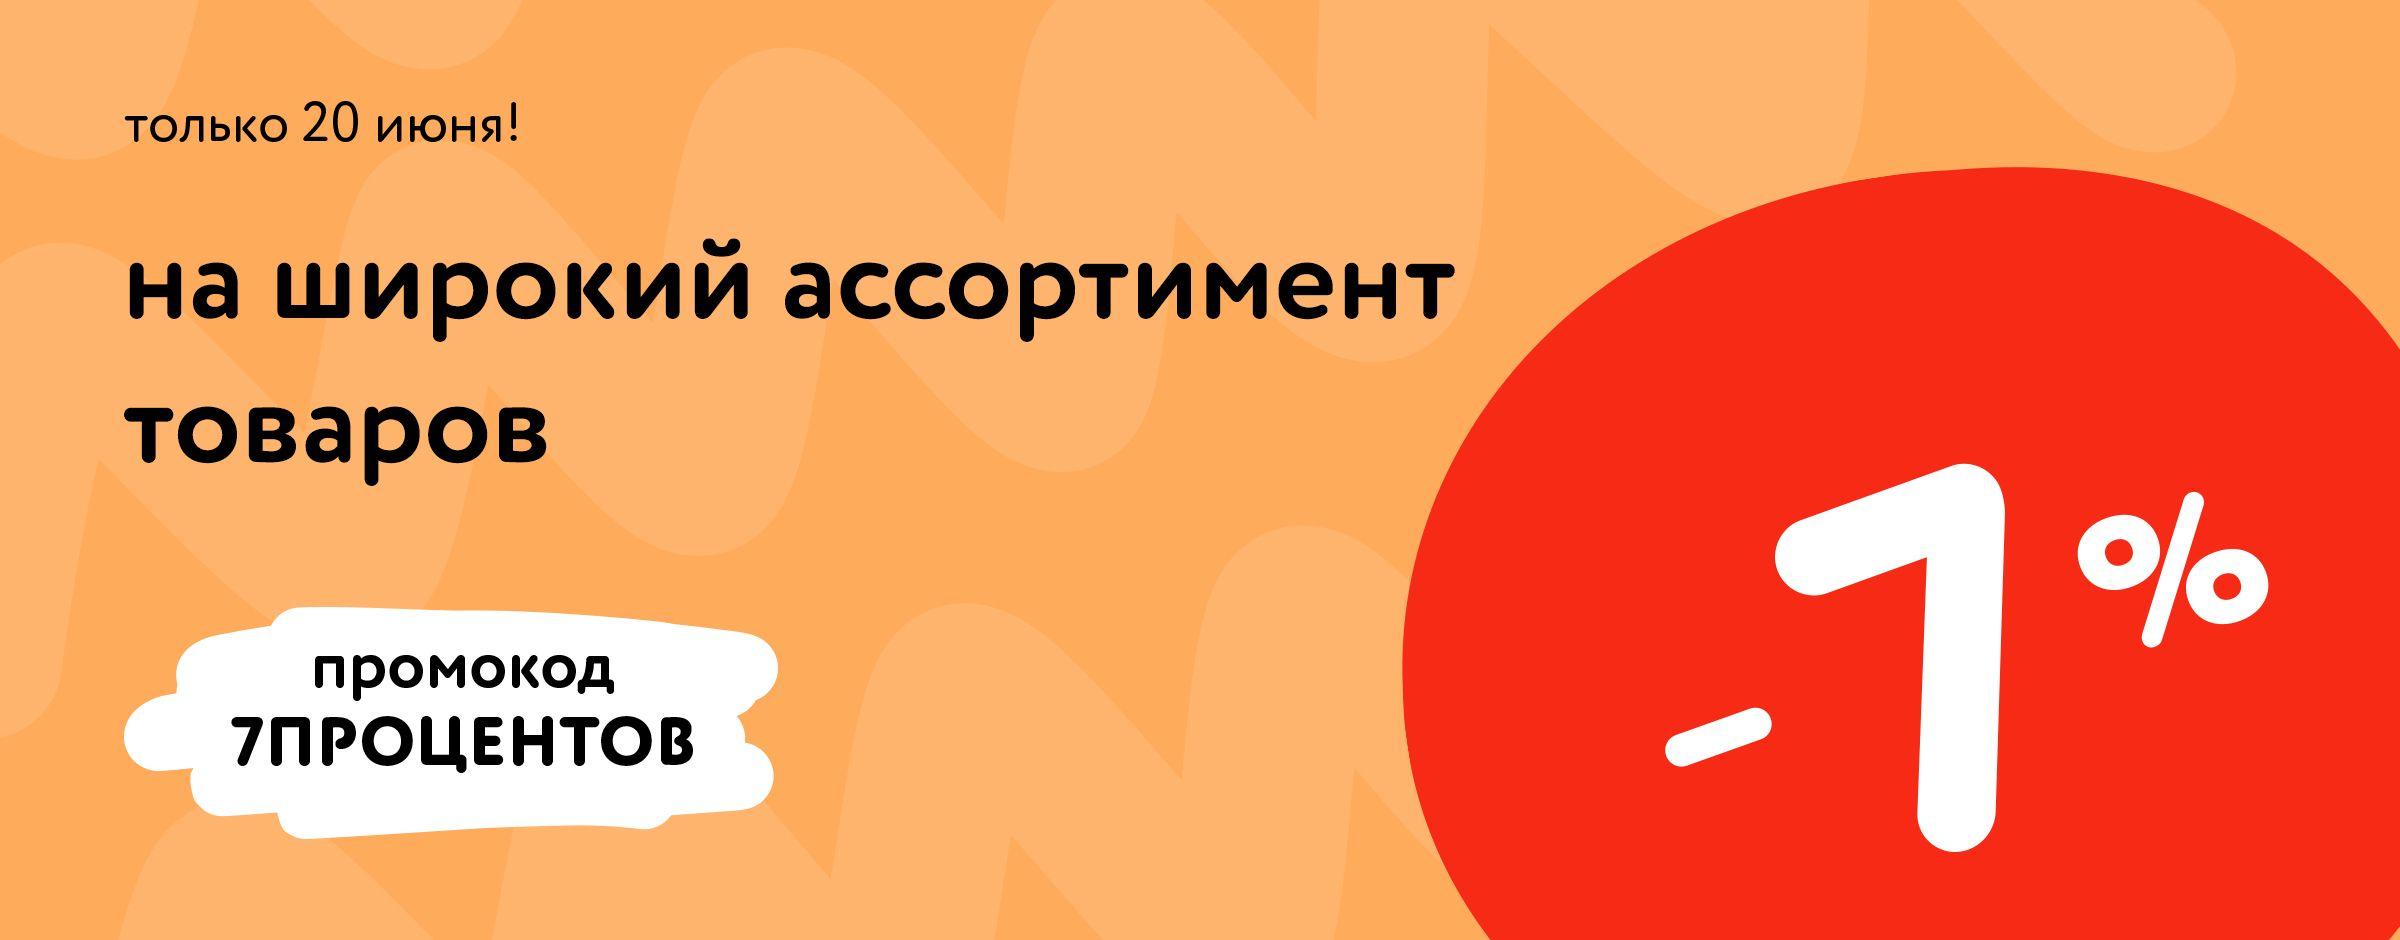 7% по коду 7ПРОЦЕНТОВ карусель